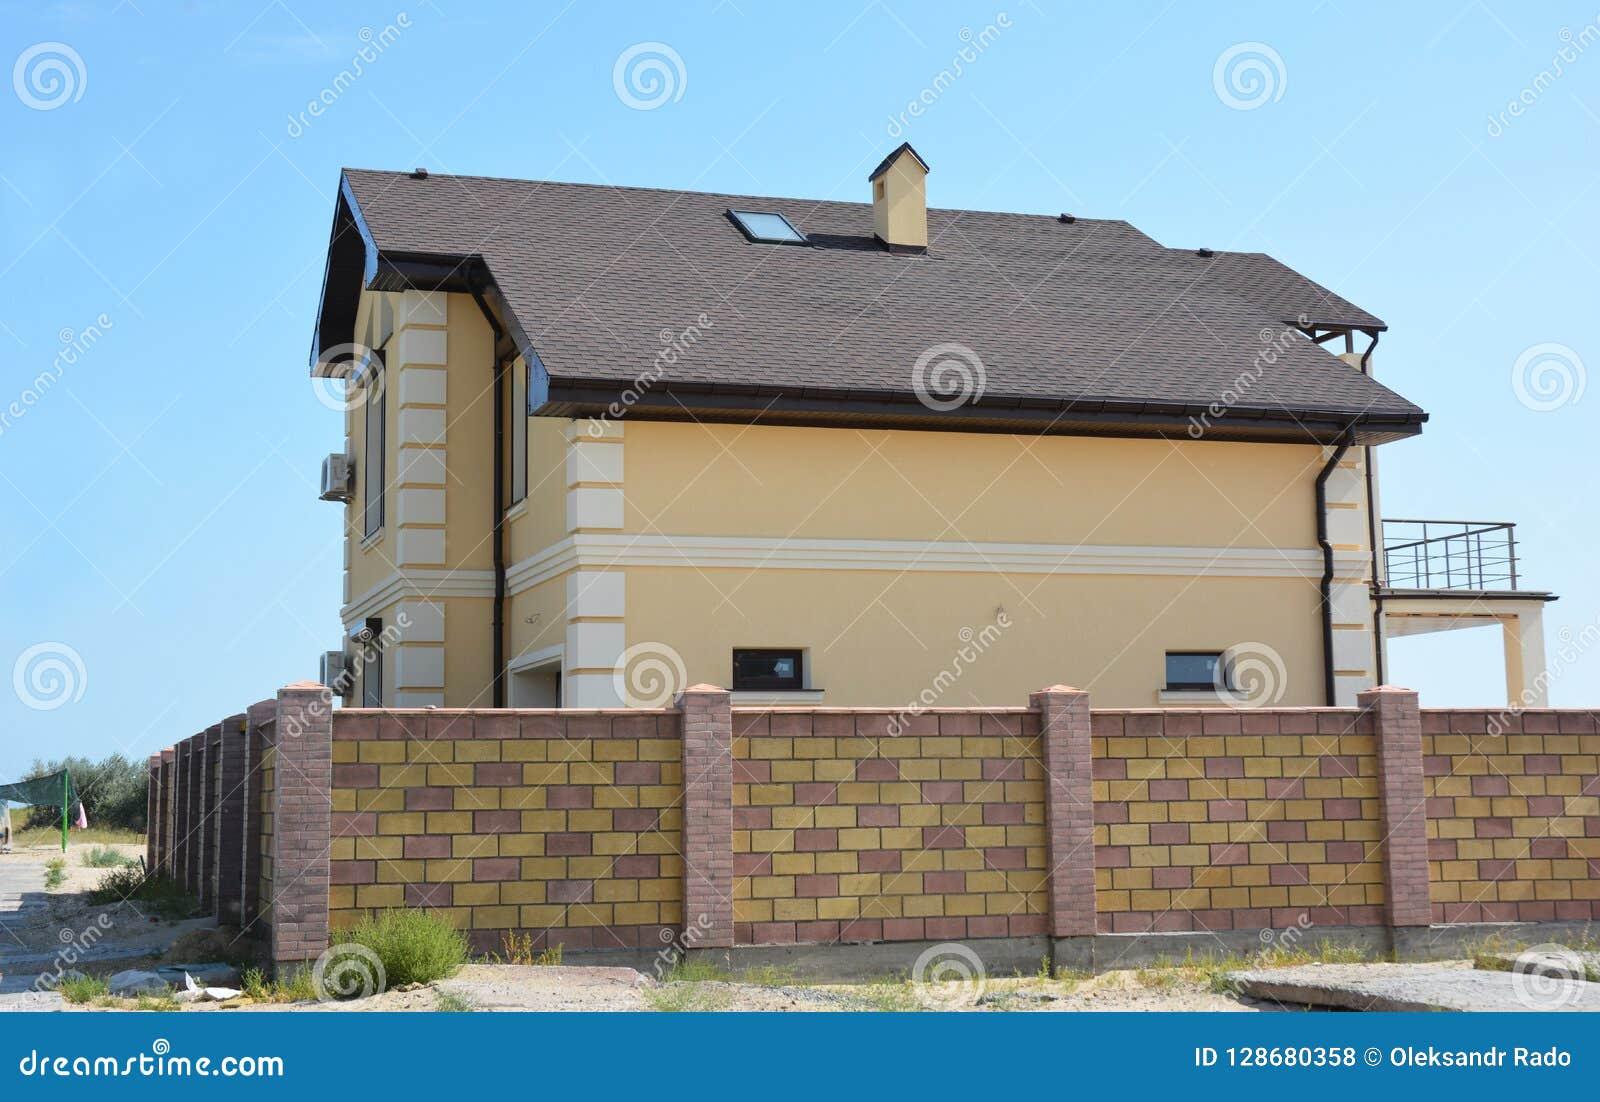 La Maison Moderne Avec La Terrasse De Balcon, Système De ...